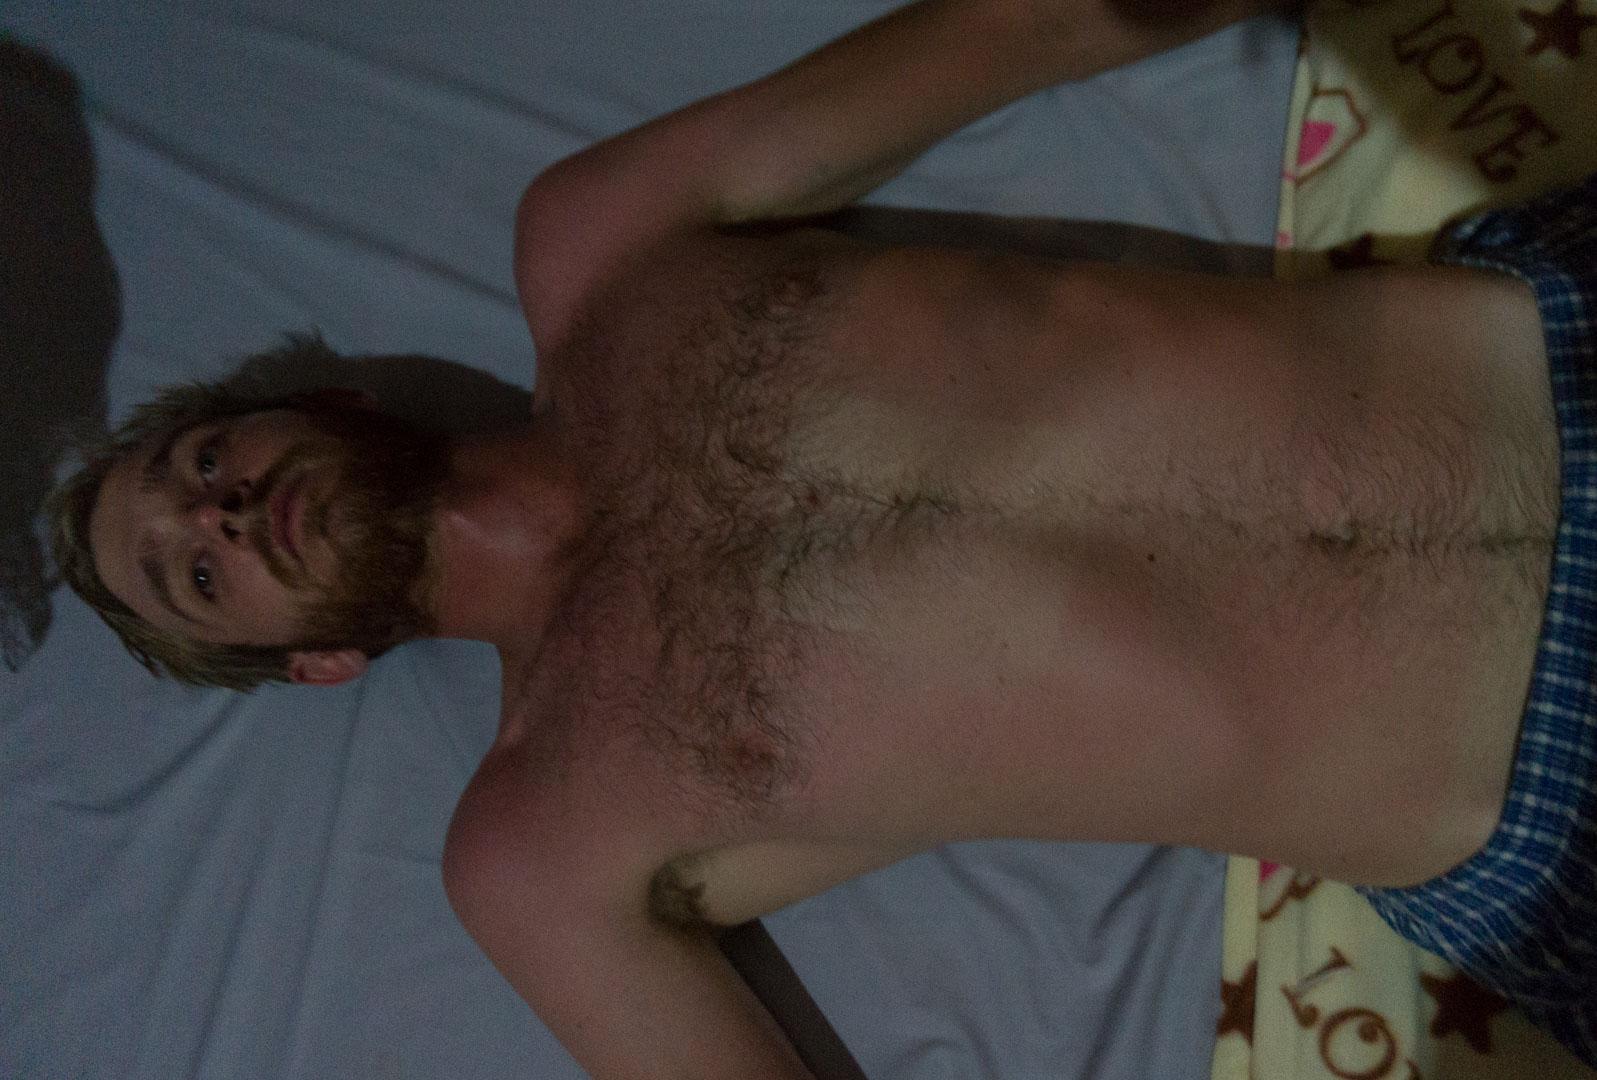 Mit dem E Book Reader auf der Brust eingeschlafen und der erste SOnnenbrand in 4 Monaten!!